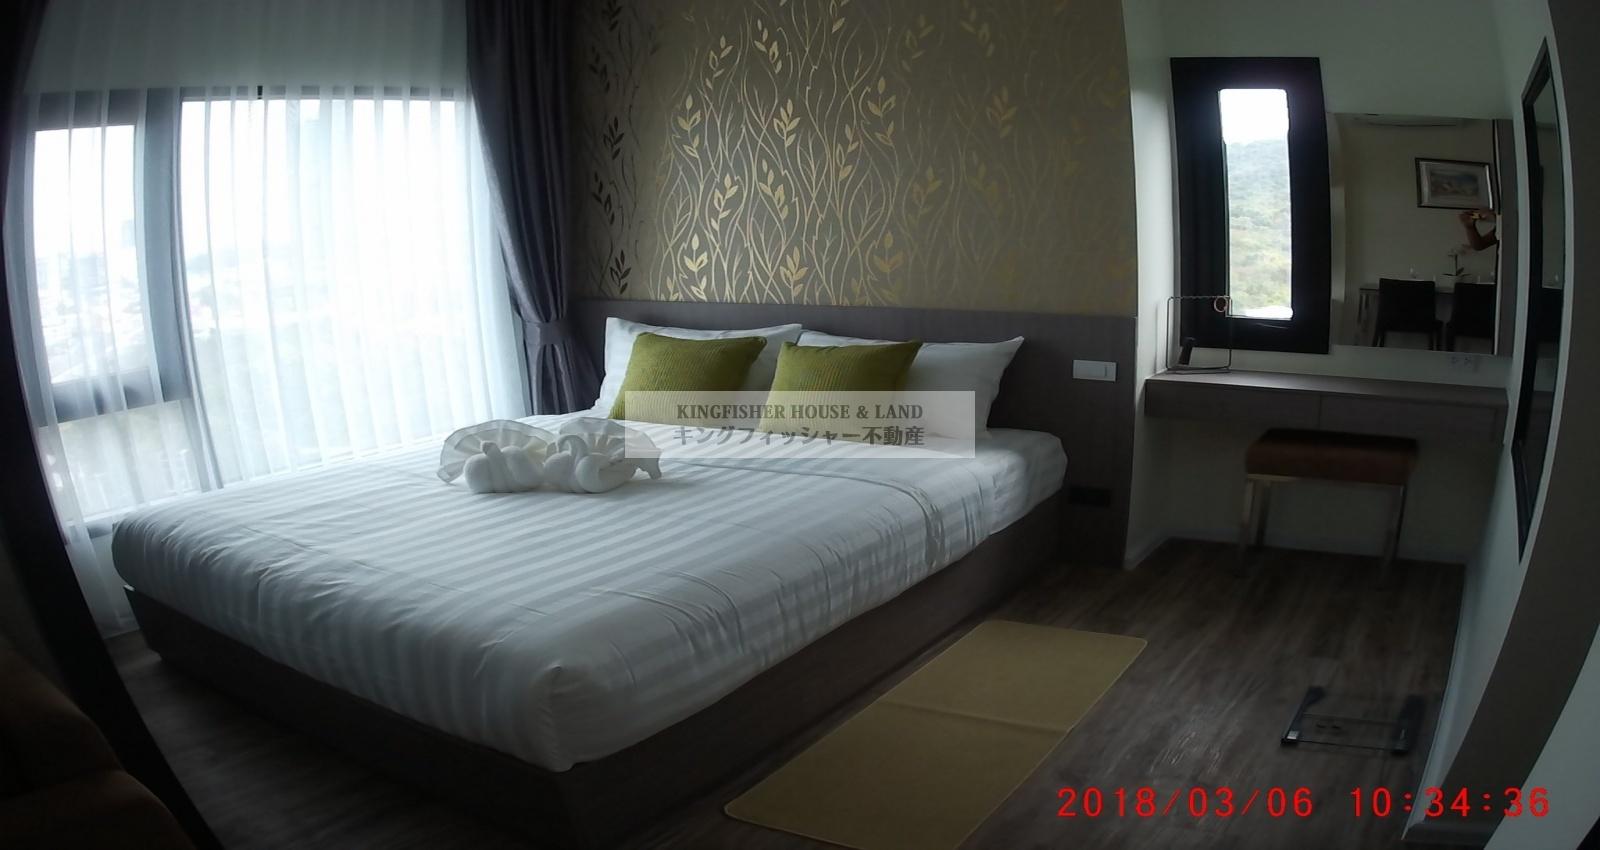 1 Bedrooms, Condominium, For Rent, 1 Bathrooms, Listing ID 1213, Sriracha, Thailand, 20110,